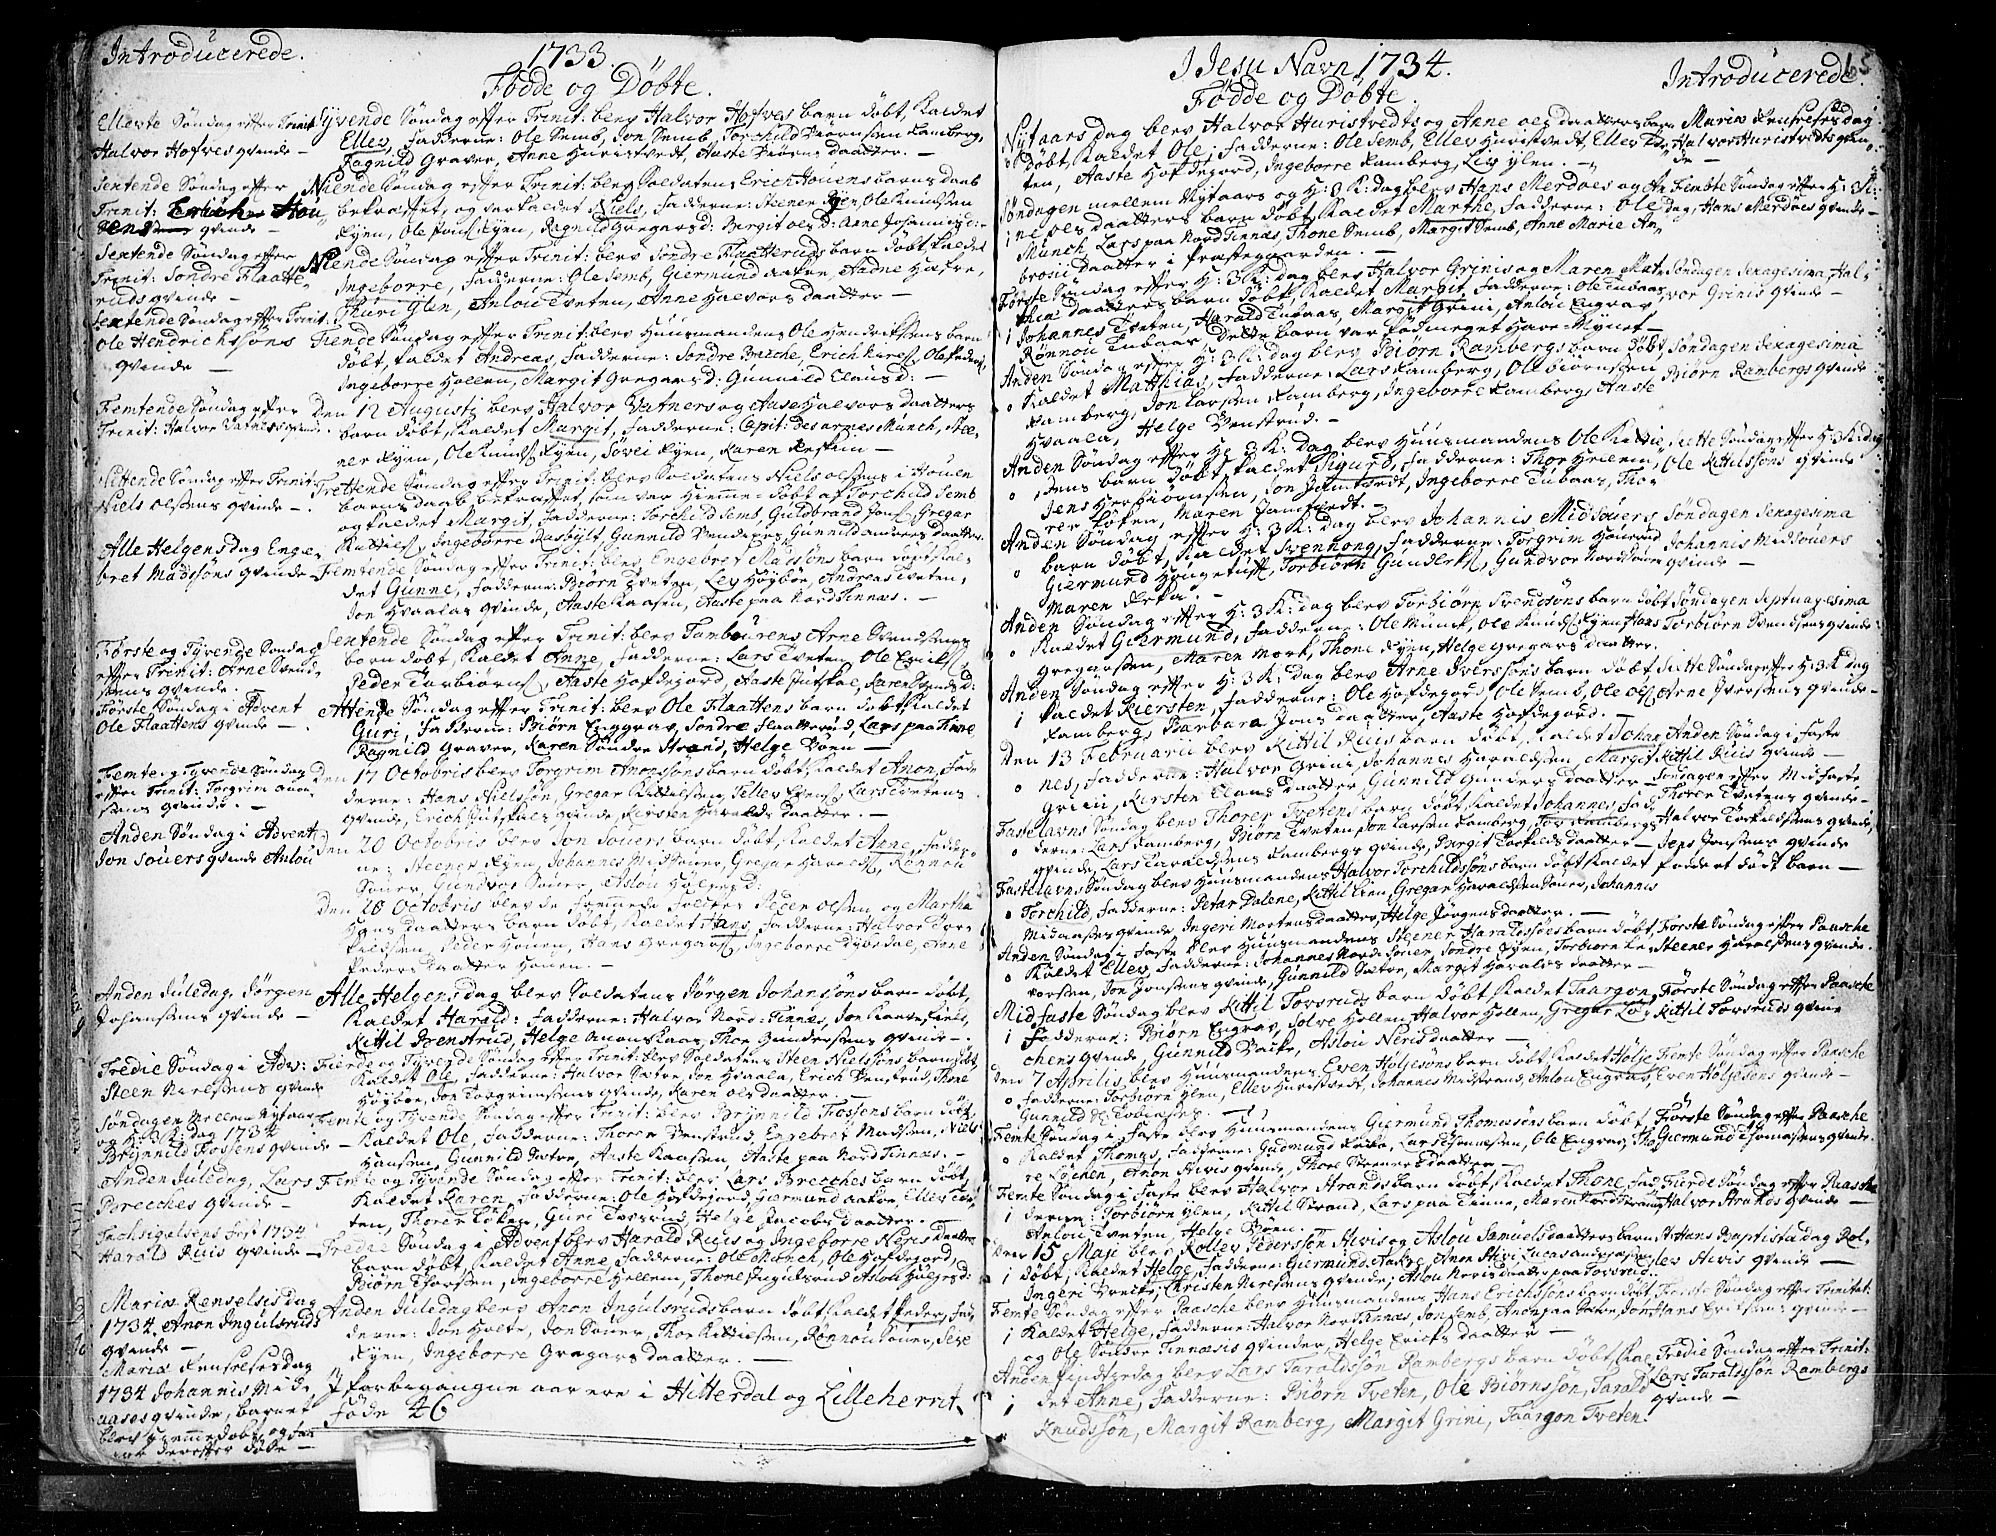 SAKO, Heddal kirkebøker, F/Fa/L0003: Ministerialbok nr. I 3, 1723-1783, s. 65